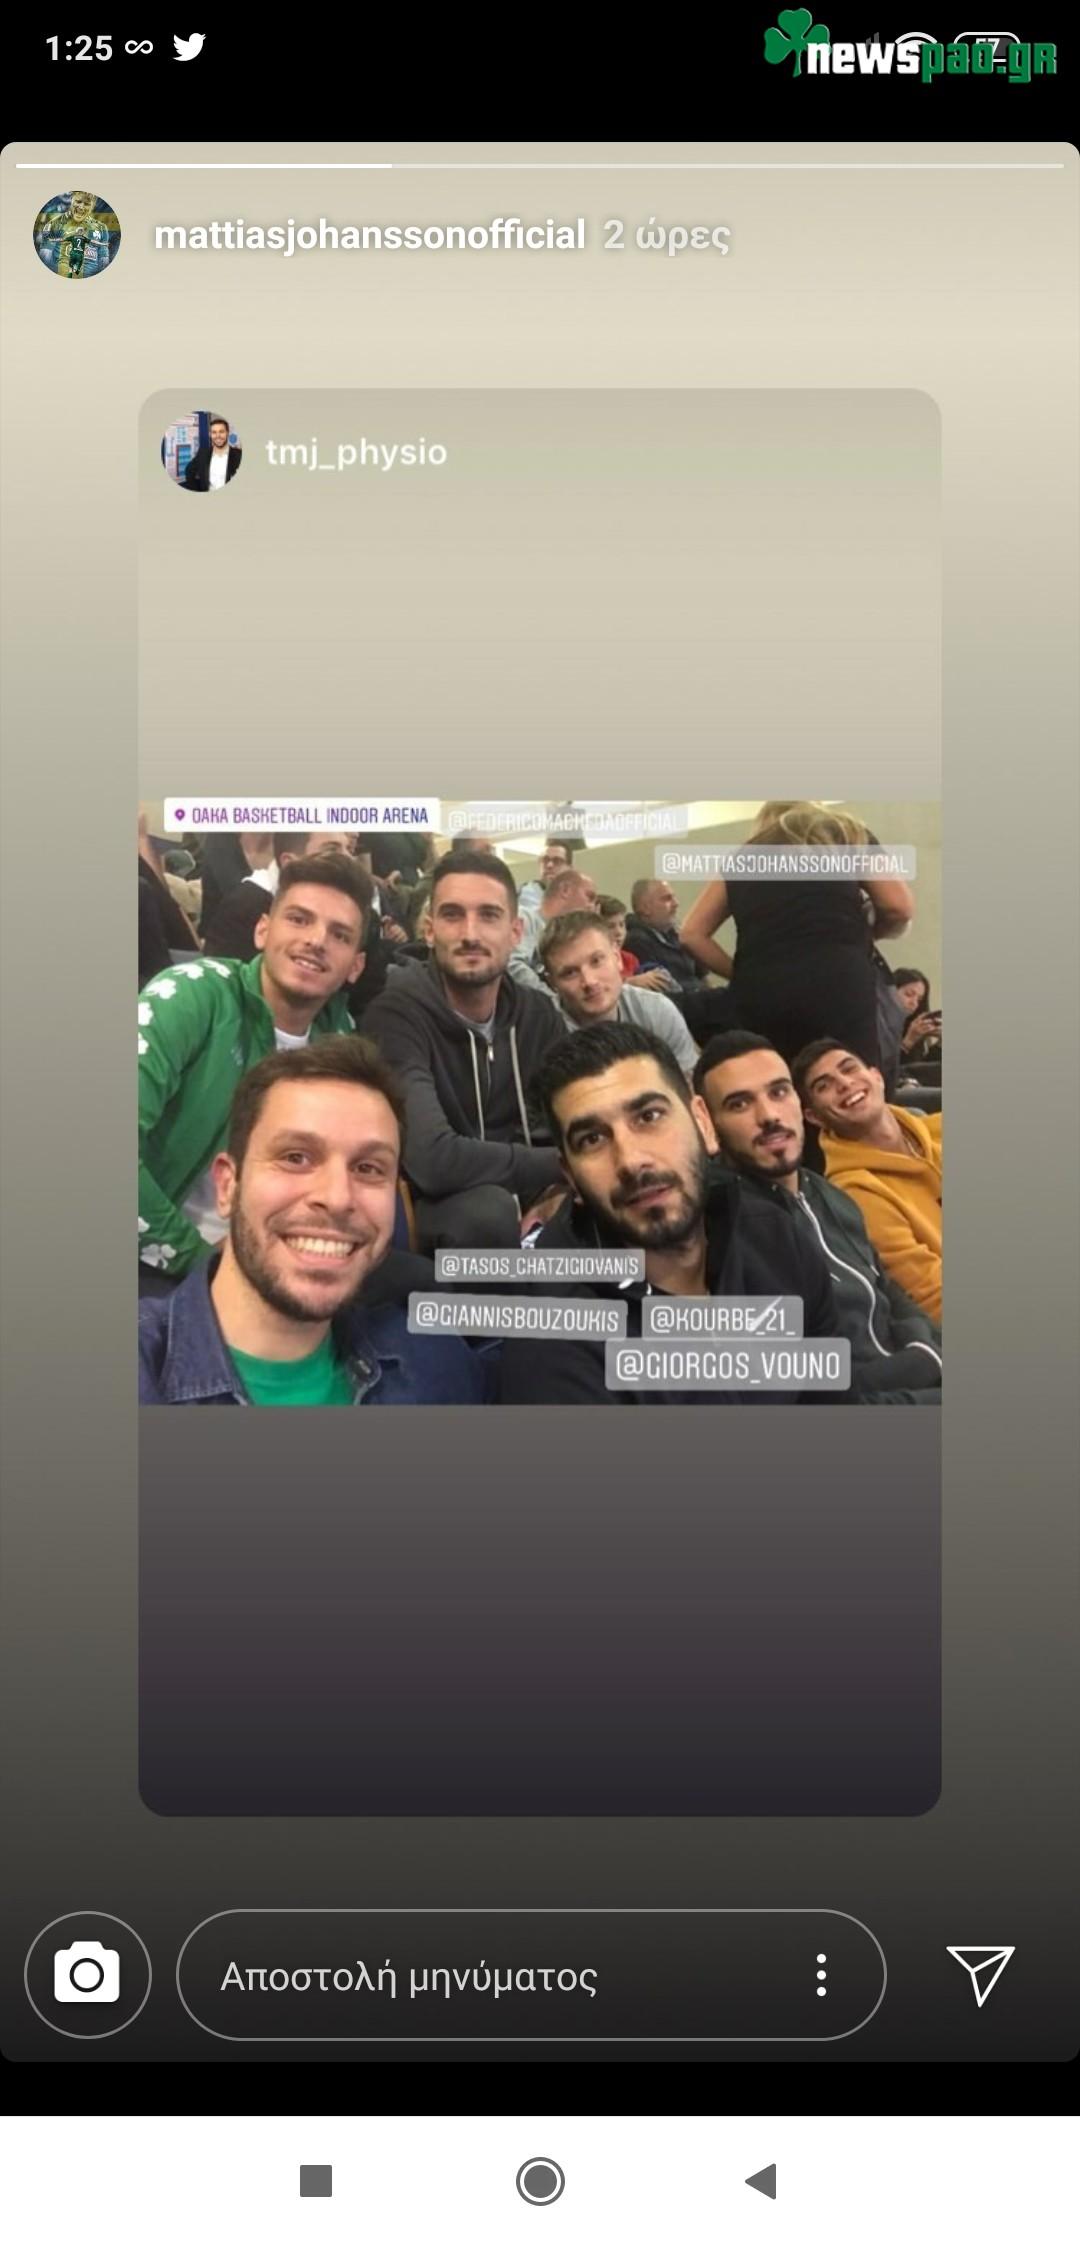 Ο ποδοσφαιρικός Παναθηναϊκός πήγε ΟΑΚΑ και έπαθε πλάκα με τον κόσμο (pics)